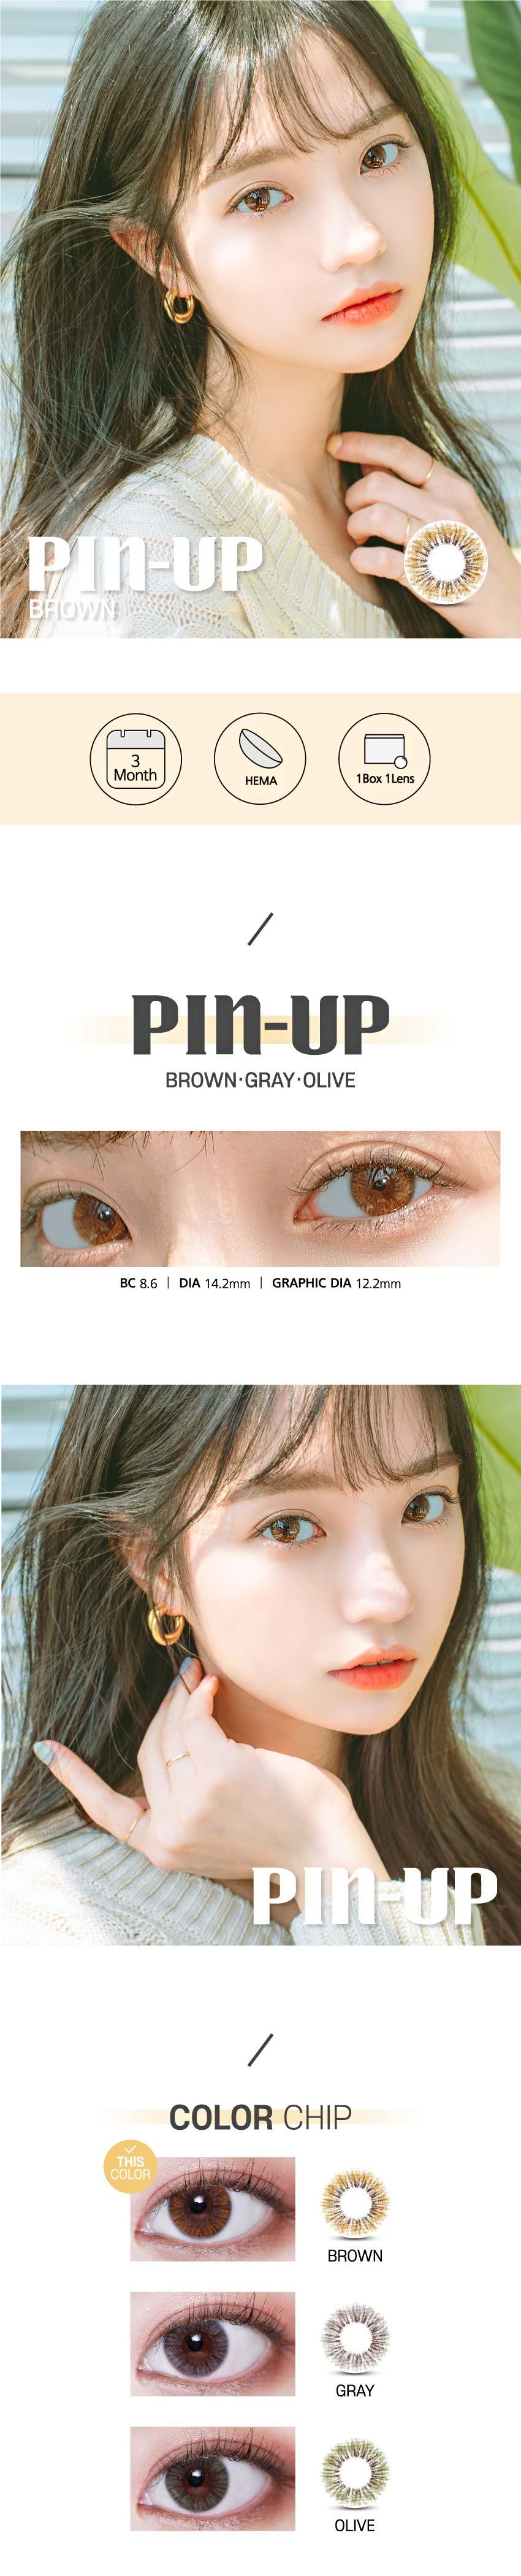 pinup-brown-korean-circle-lenses.jpg